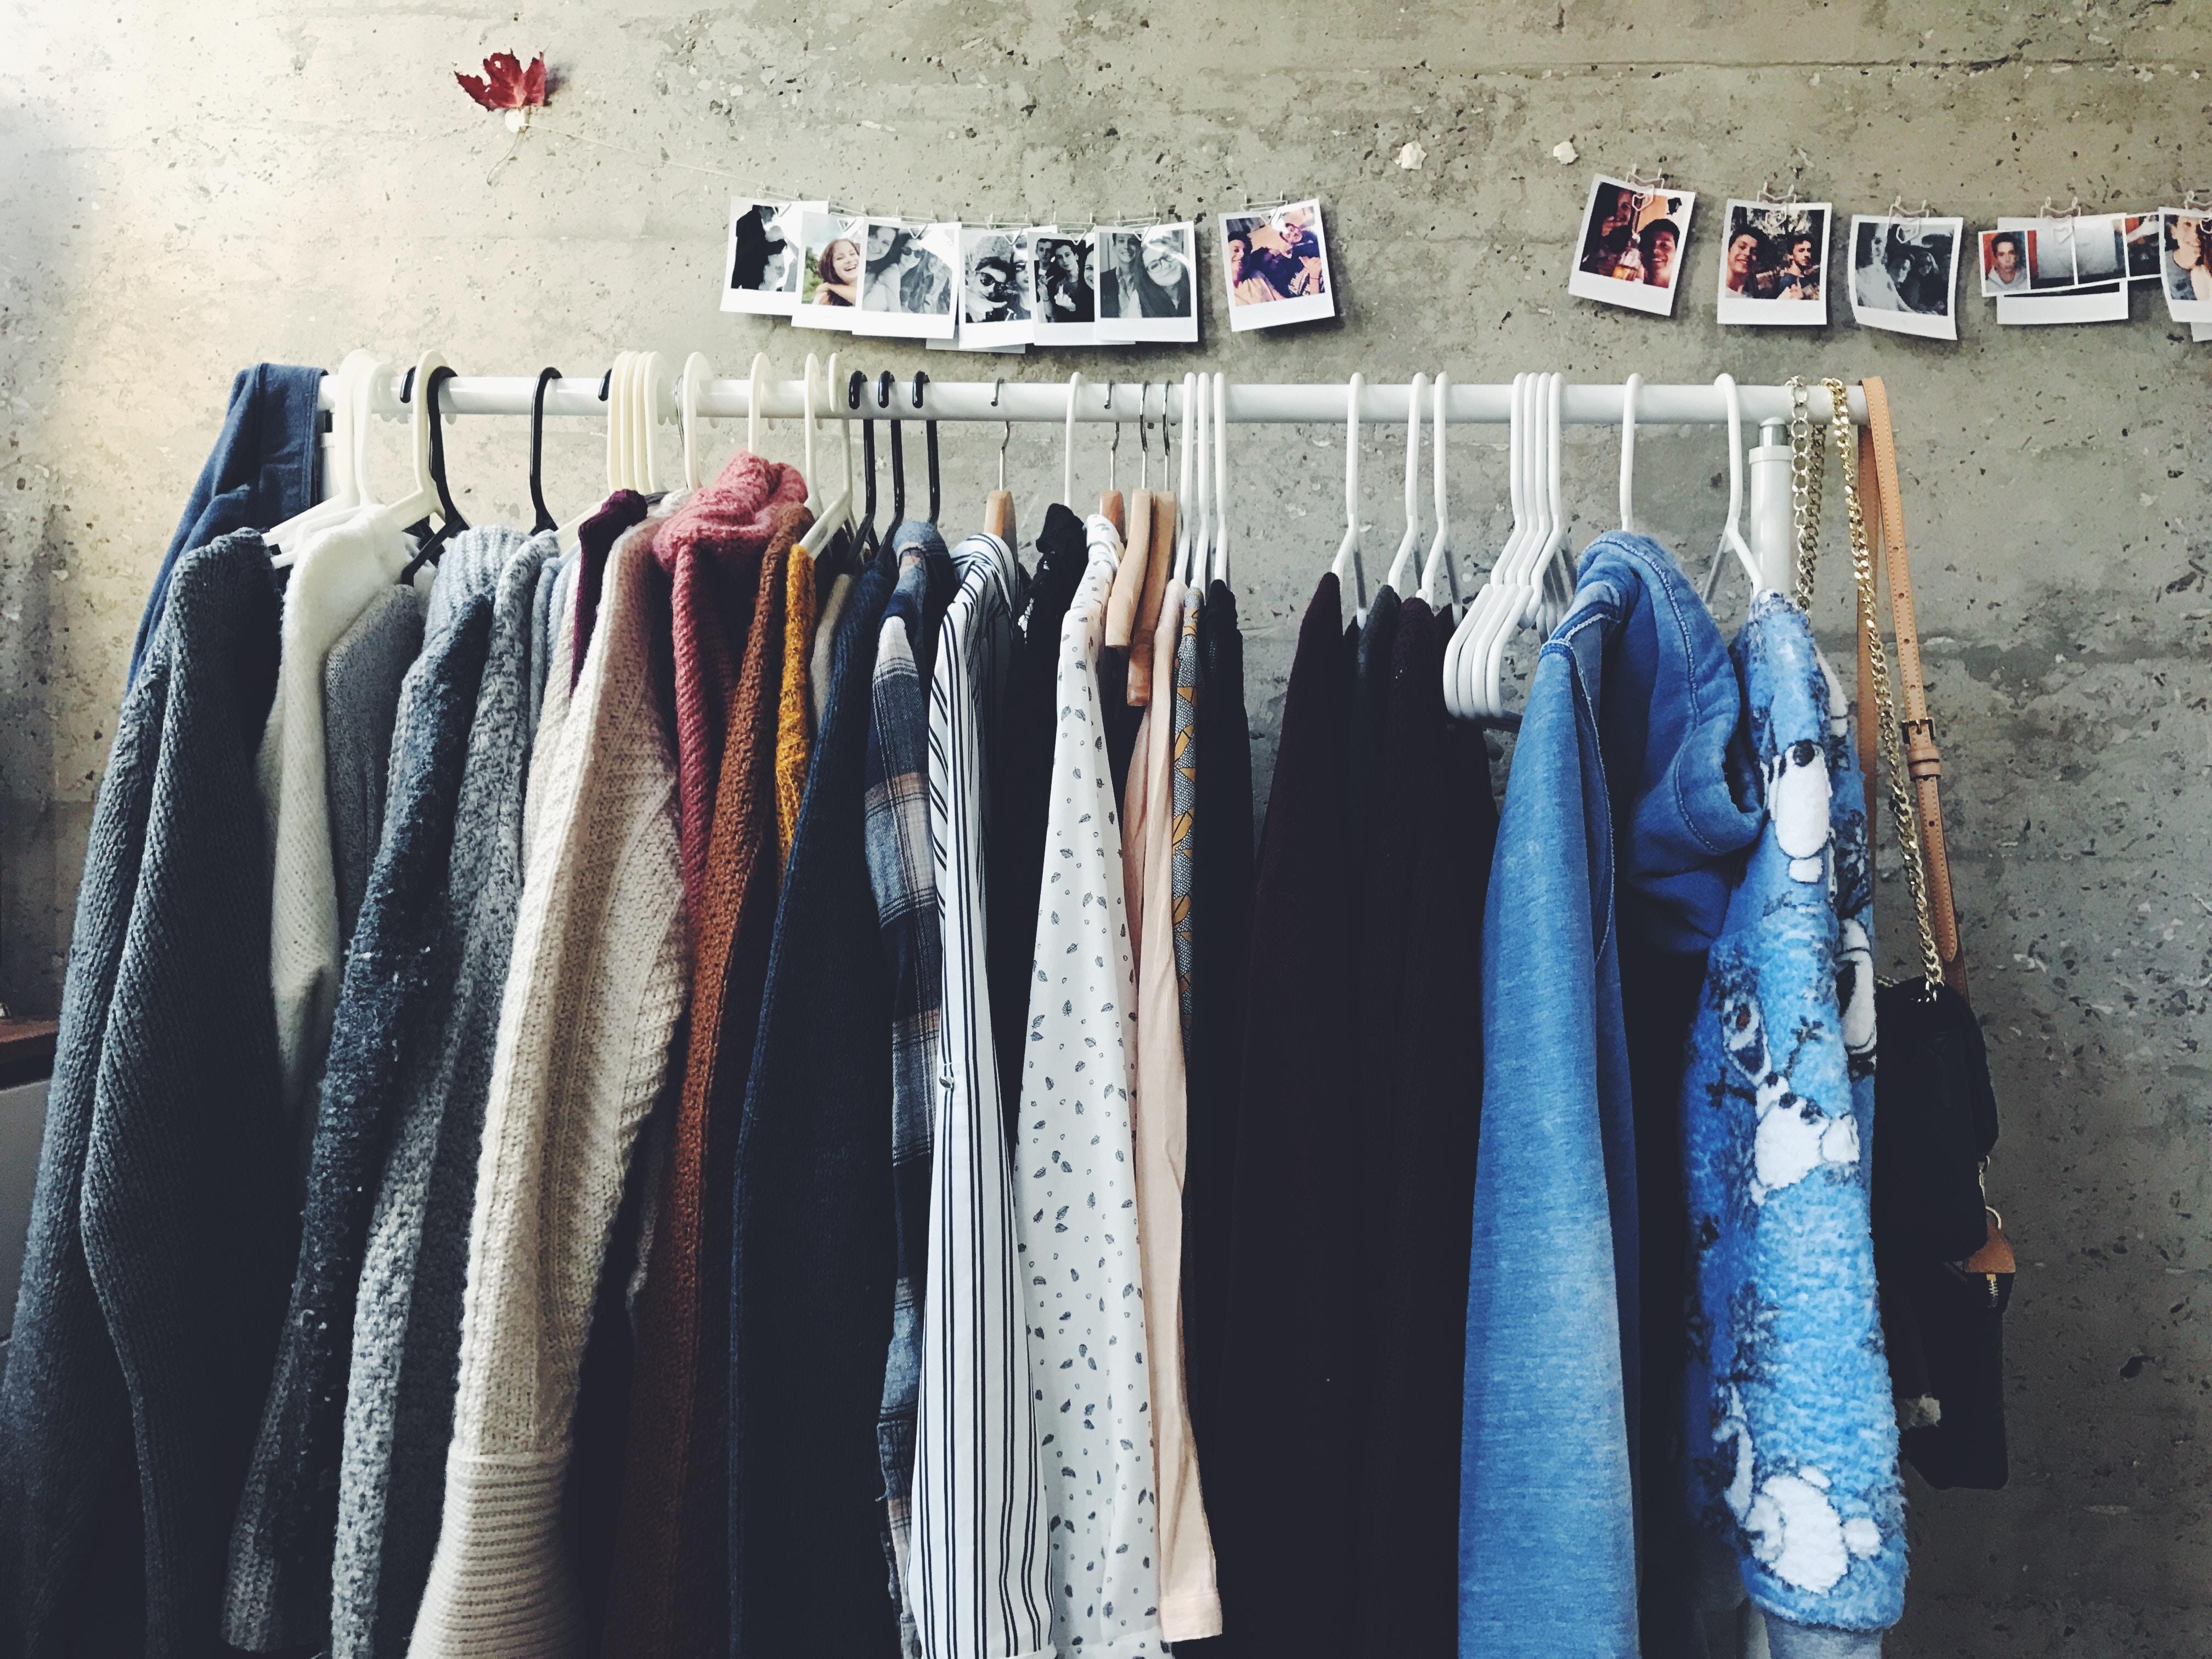 Klamotten verkaufen